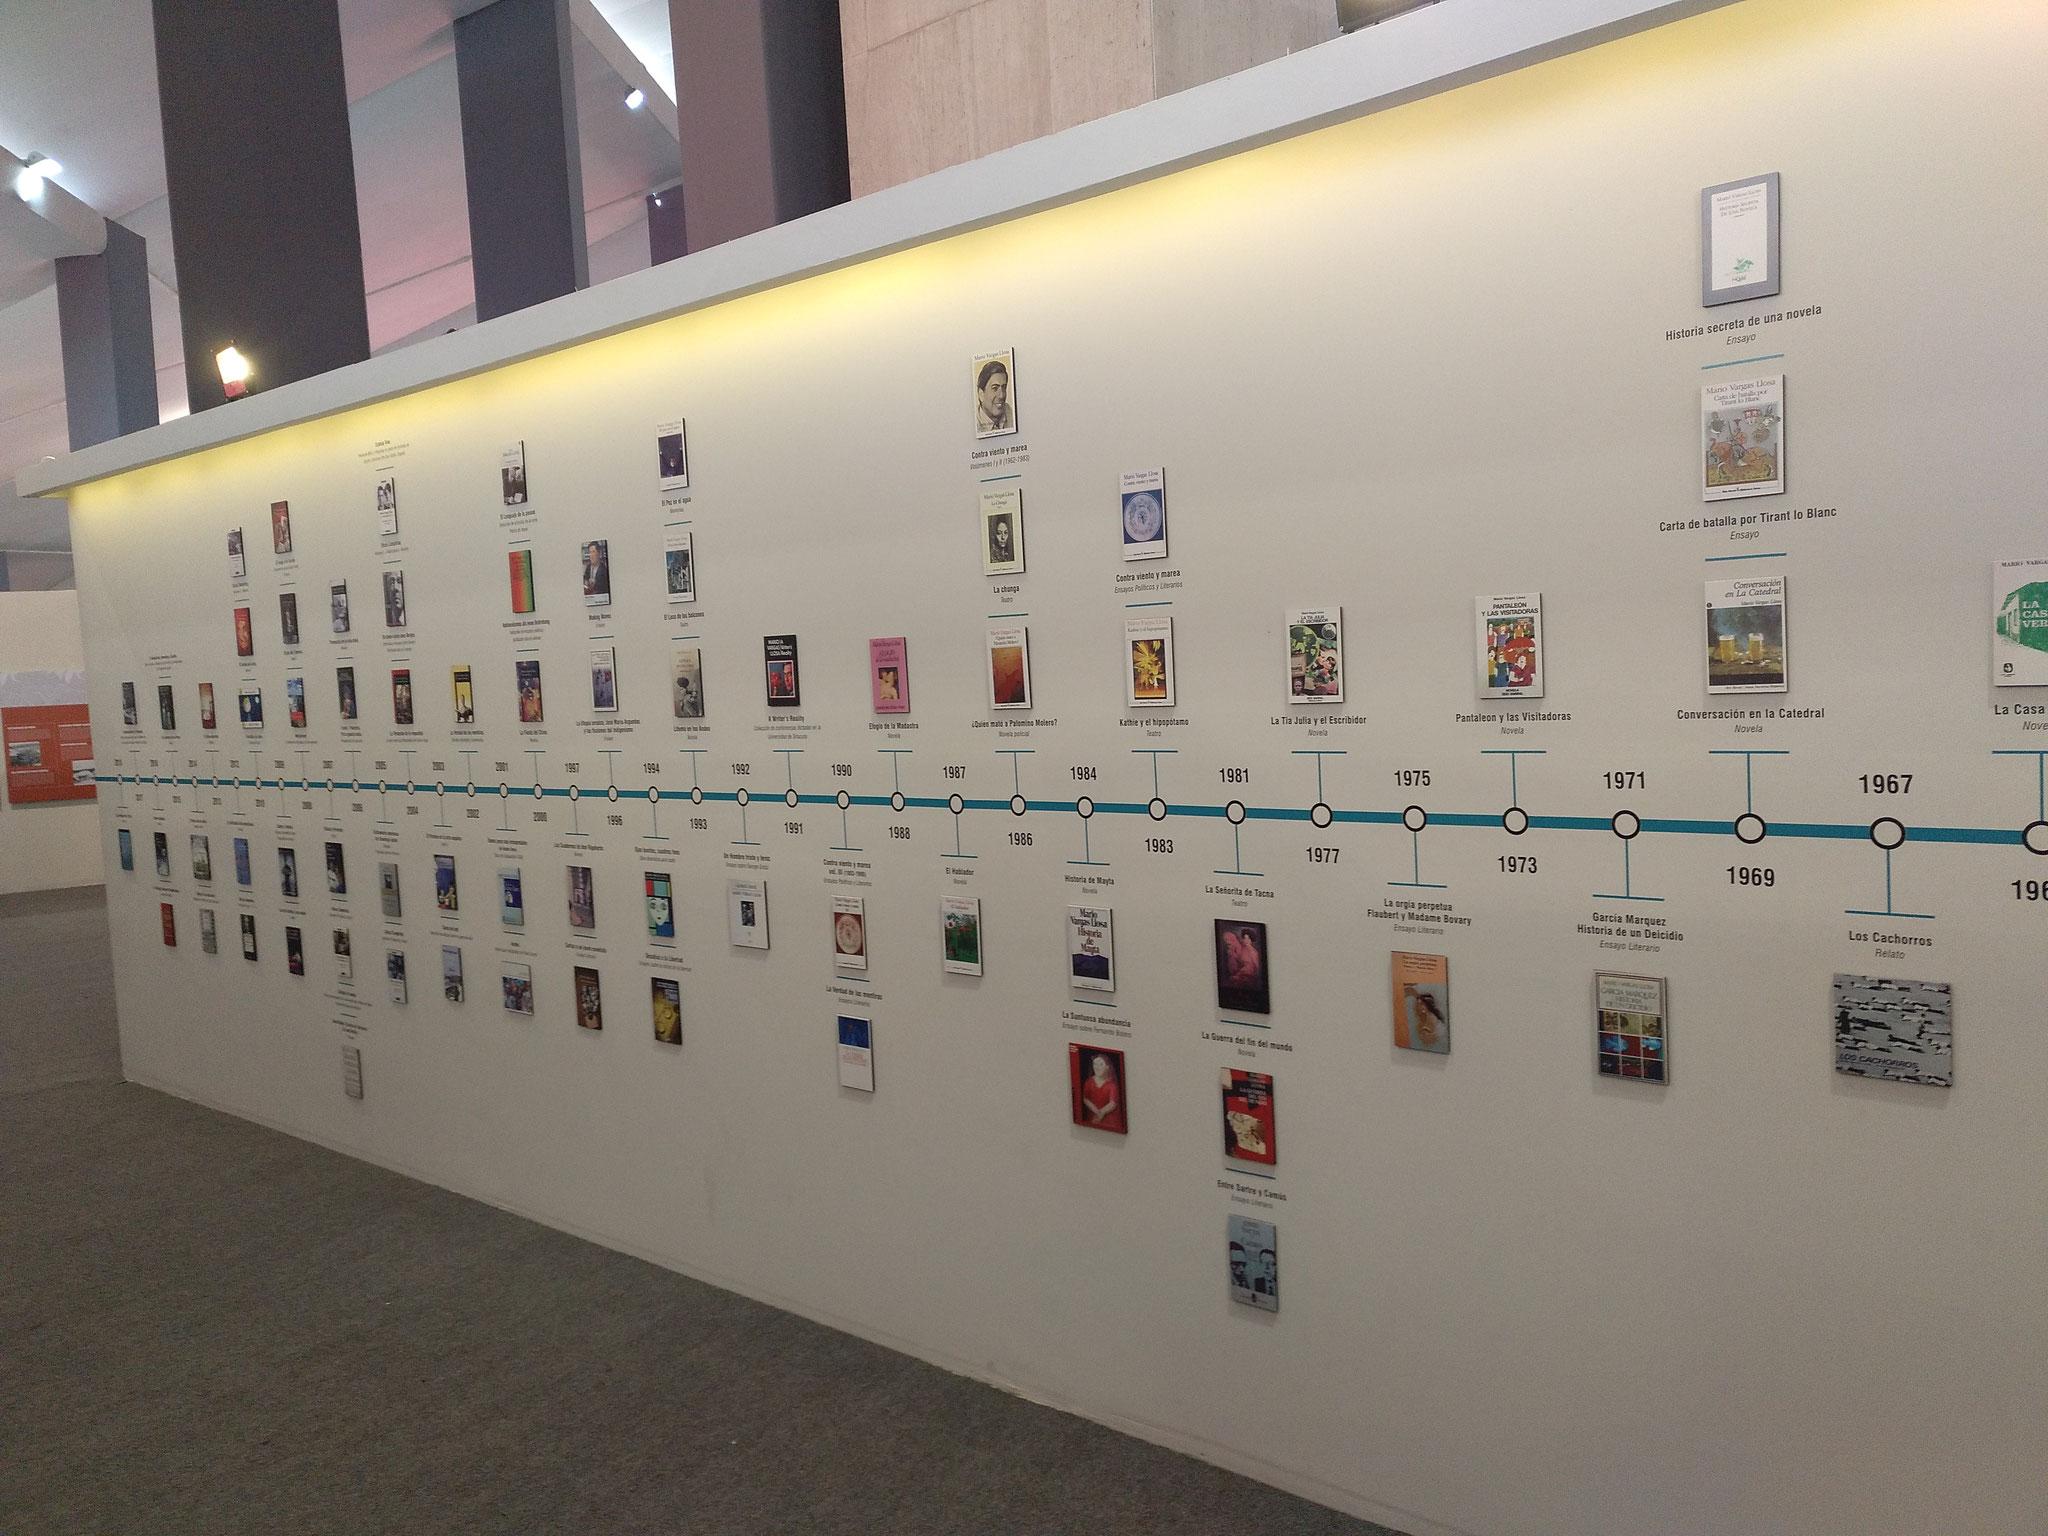 Eine Ausstellung zu Leben und Werk von Marqués de Vargas Llosa (peruanischer Nobelpreisträger für Literatur 2010) war sehr interessant aufgebaut.